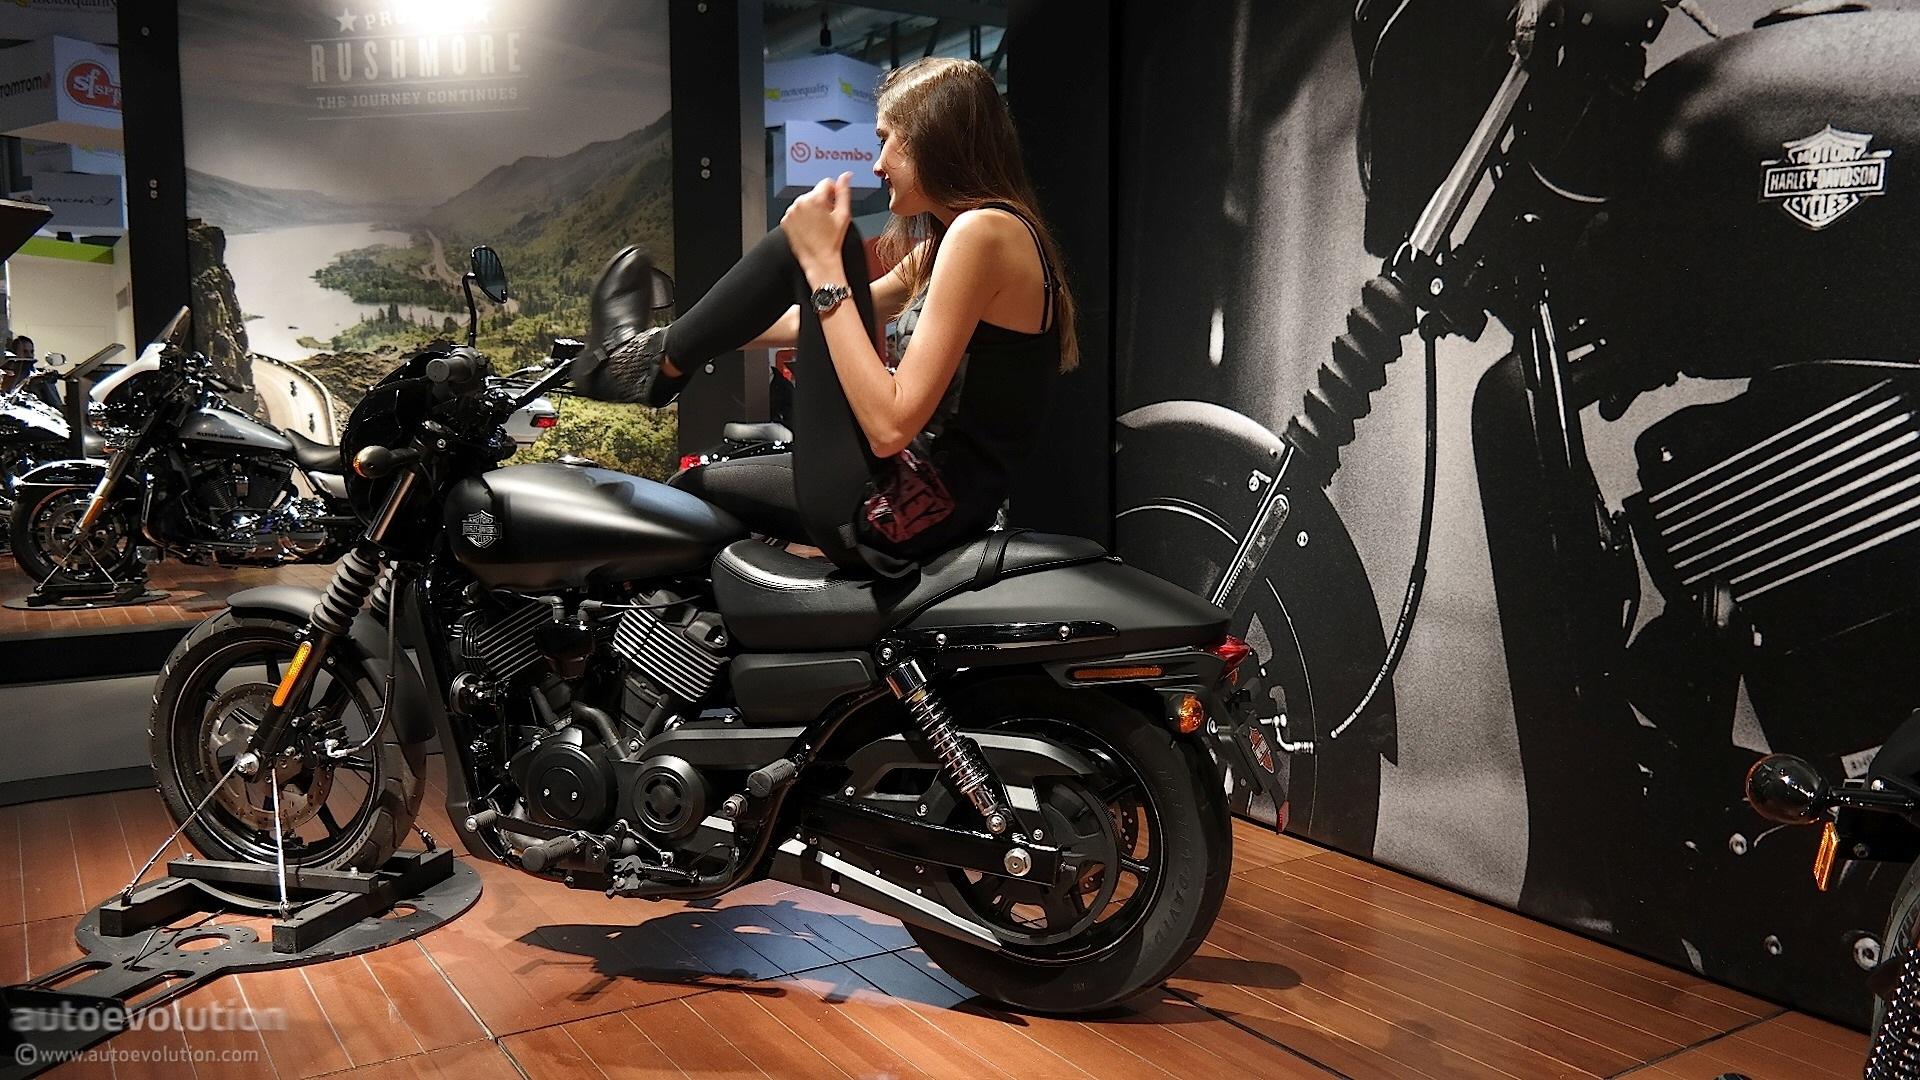 2015 Harley Davidson Street 750 Is A Bit Rough Around The